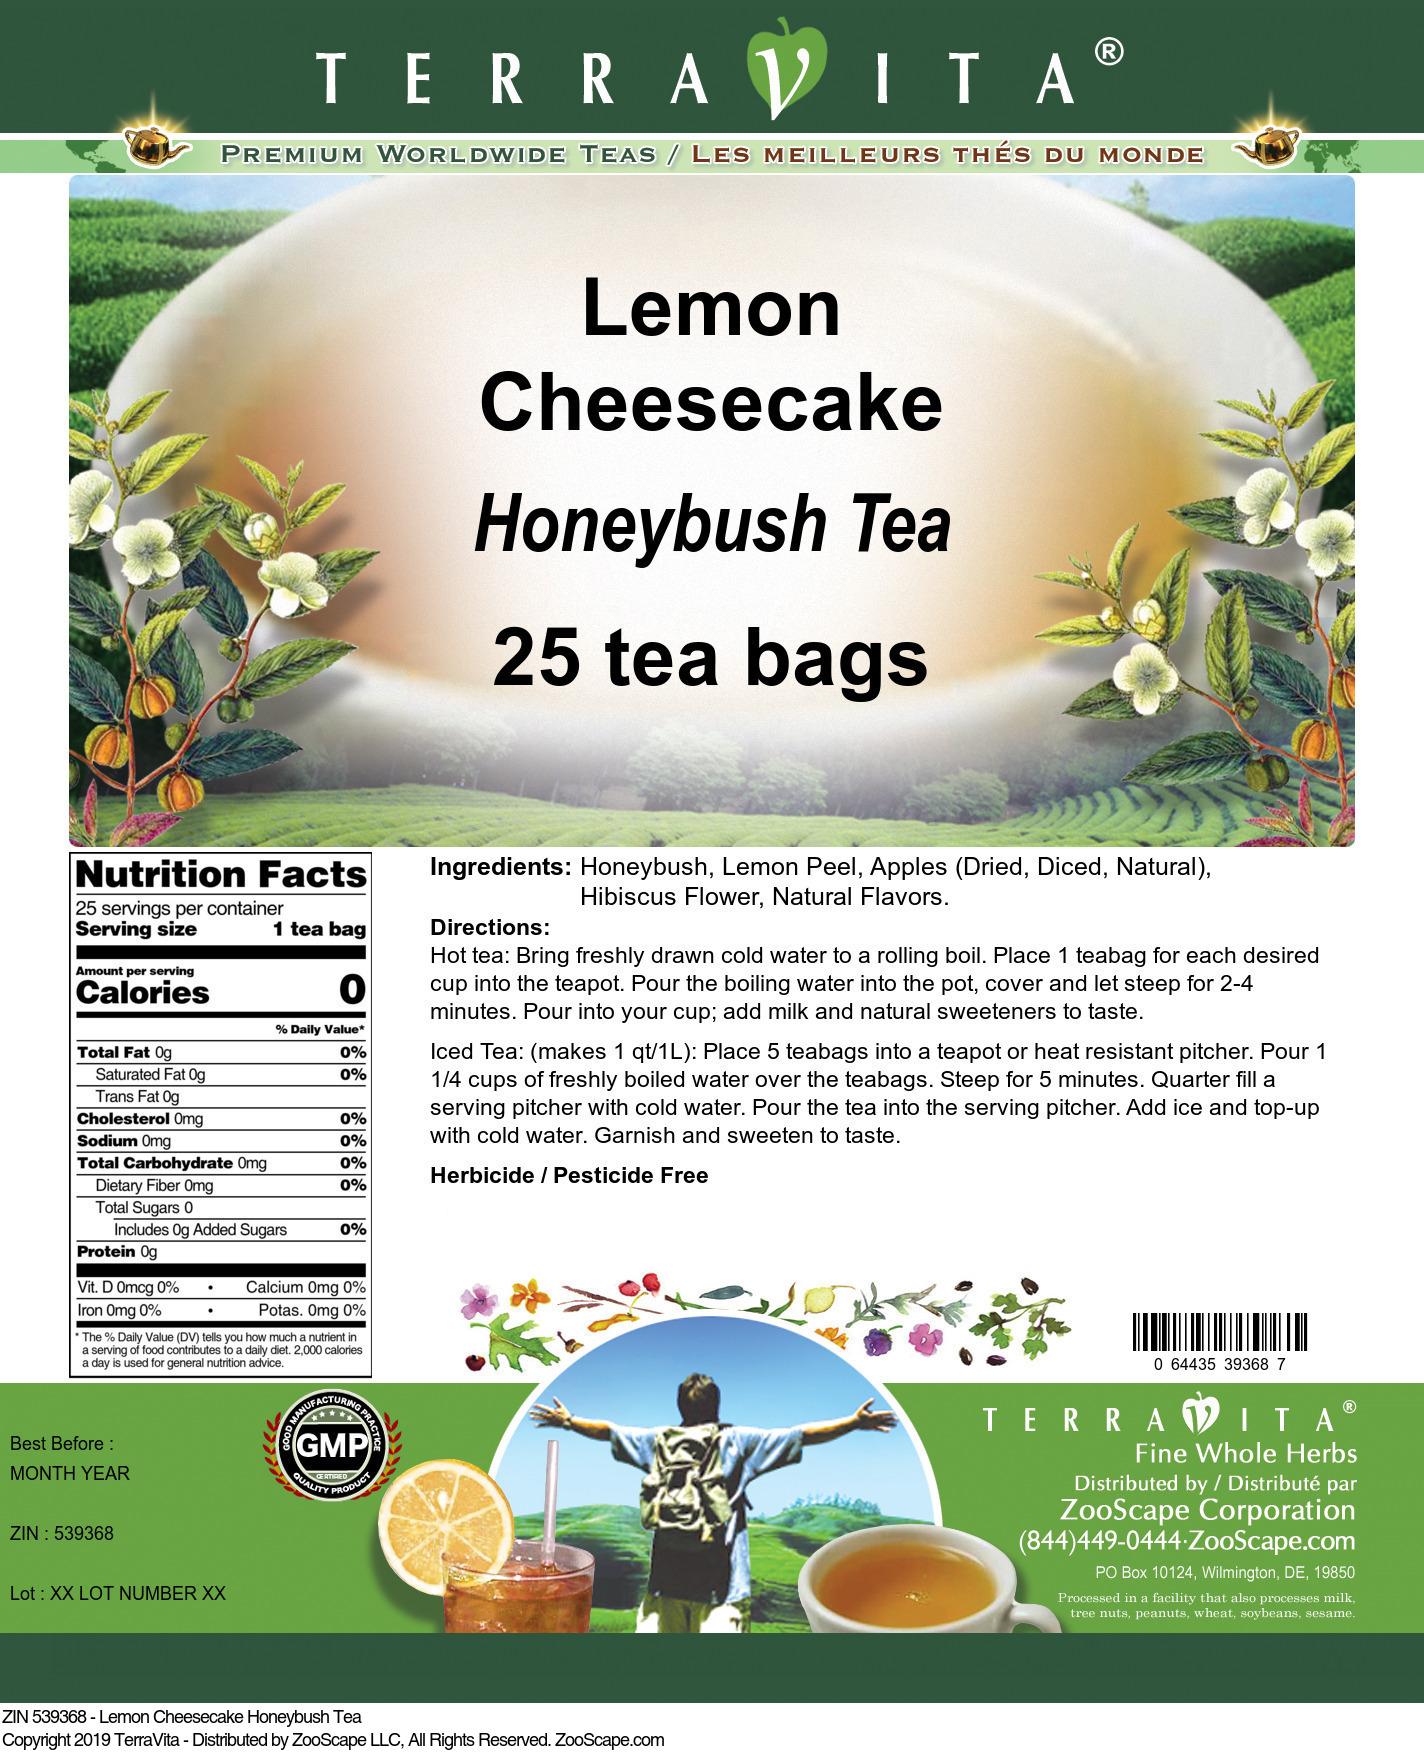 Lemon Cheesecake Honeybush Tea